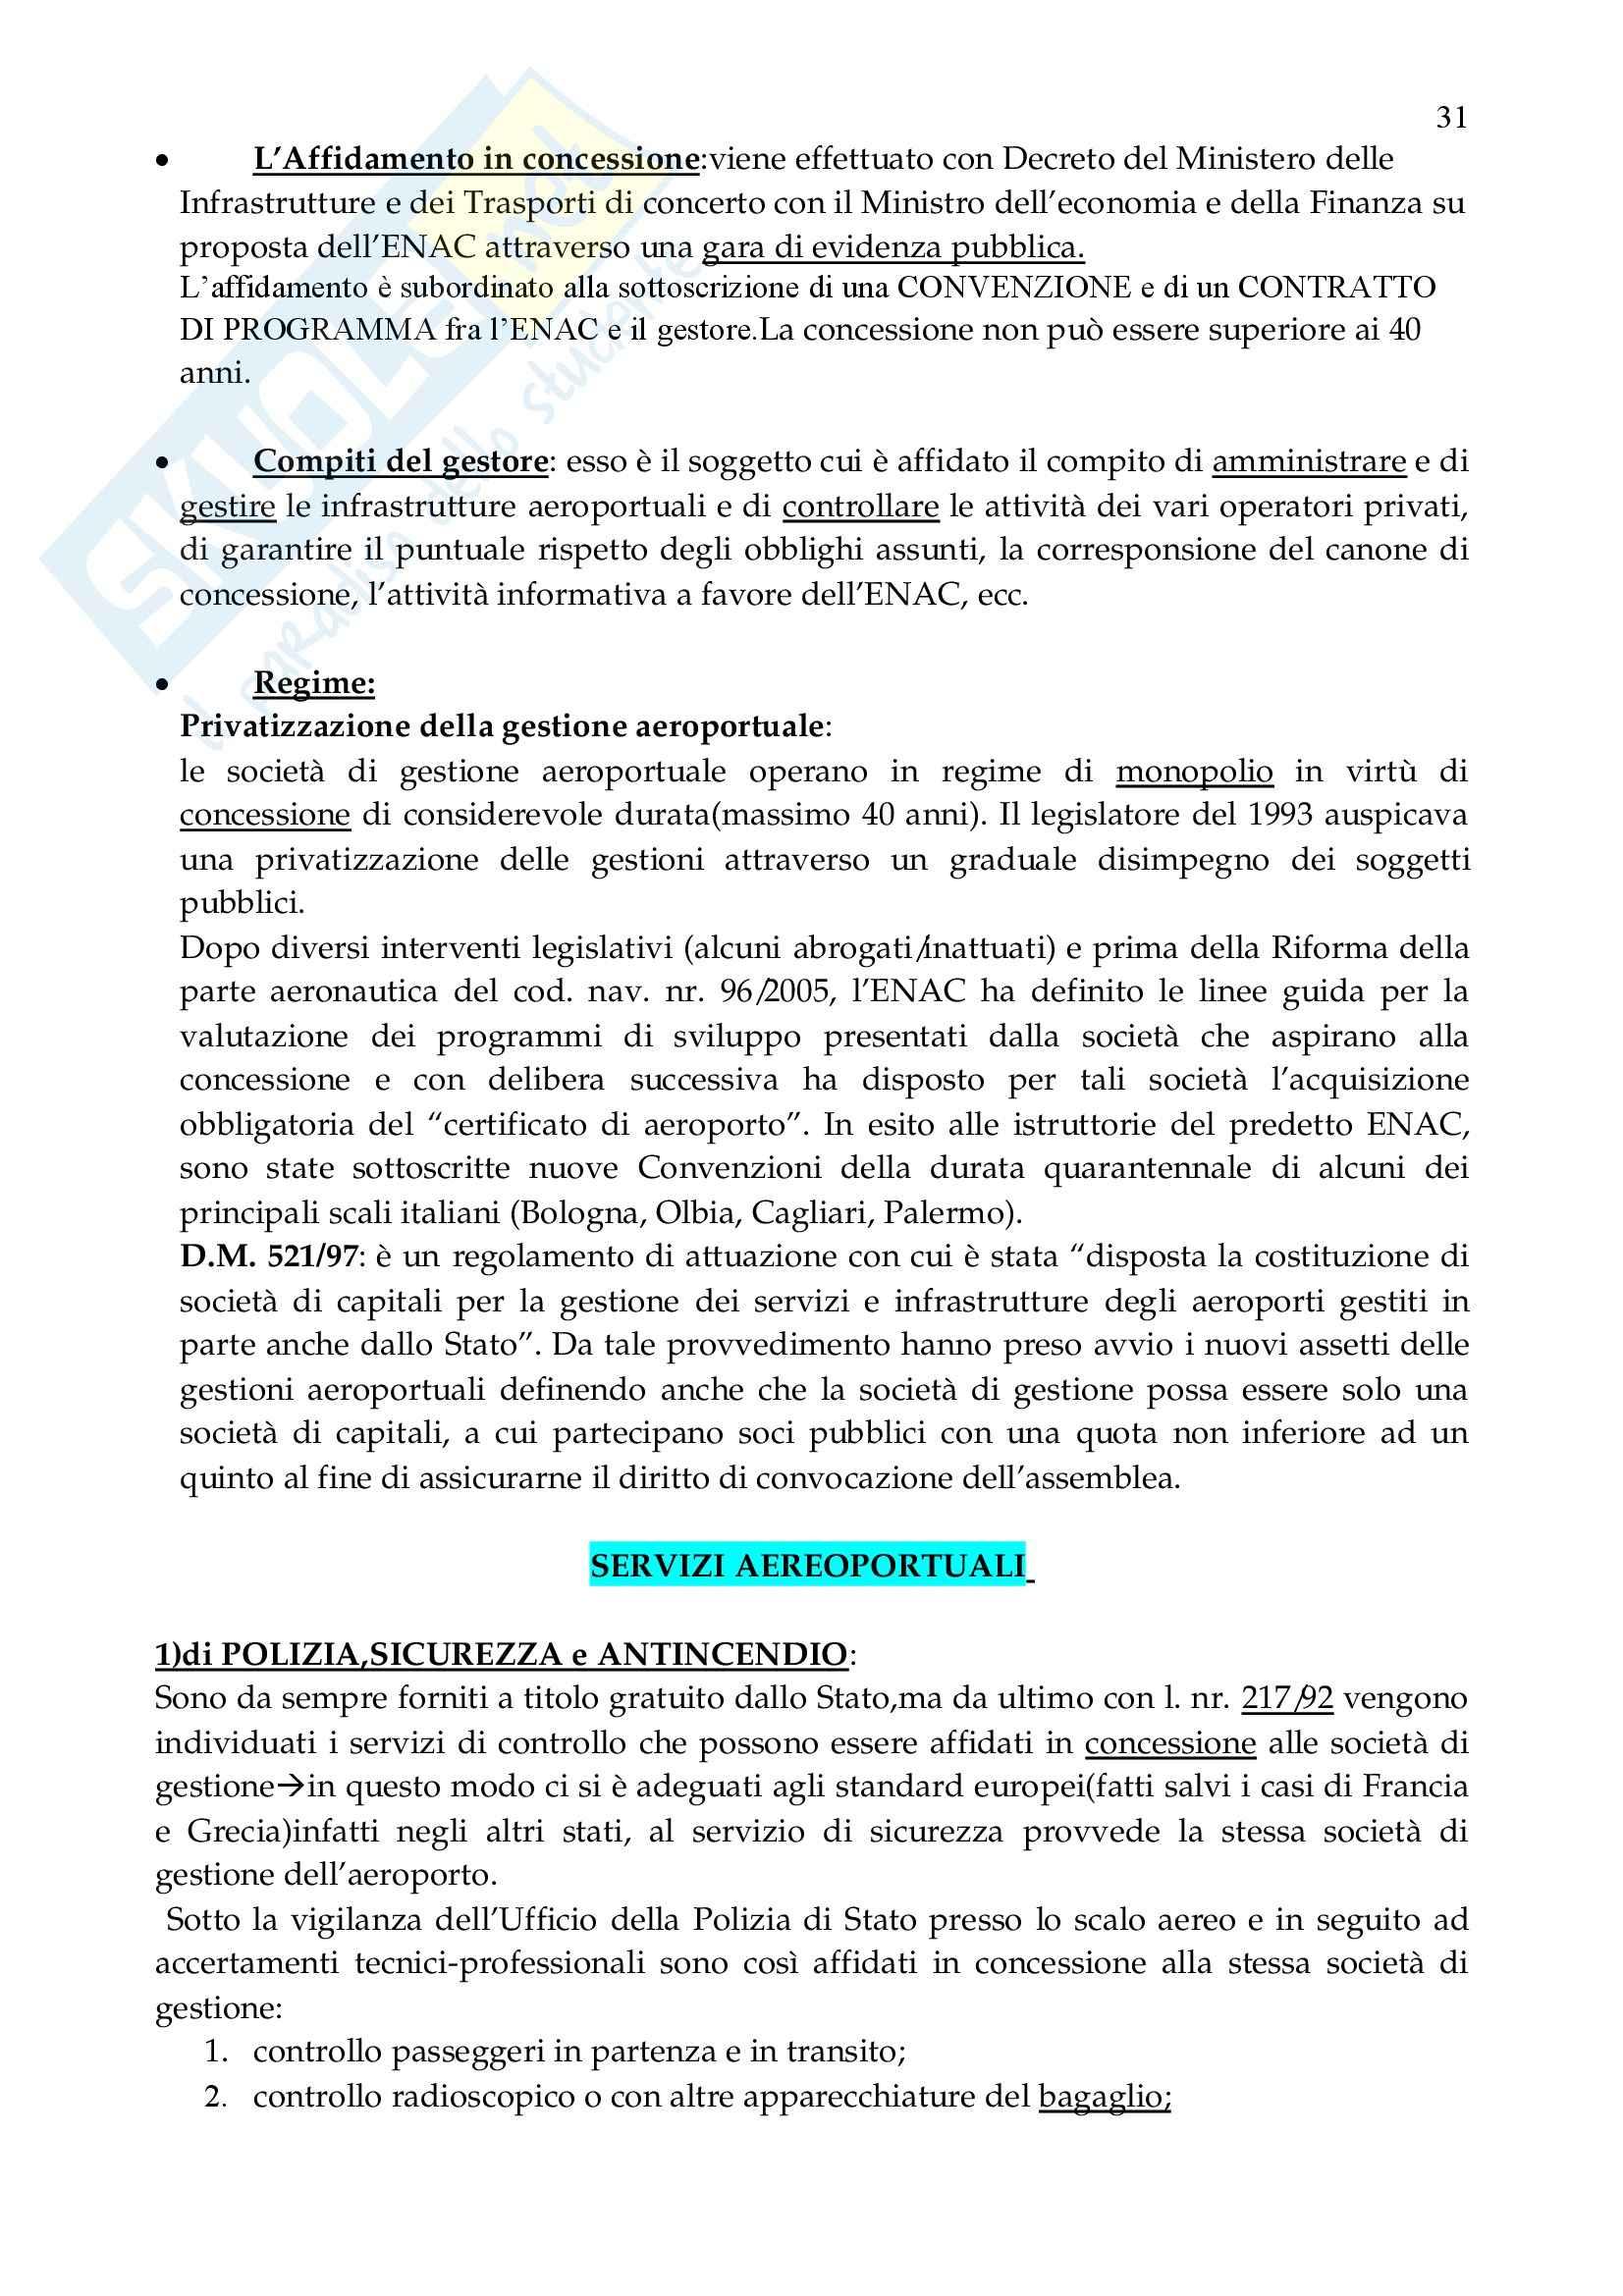 Diritto dei trasporti - Appunti Pag. 31